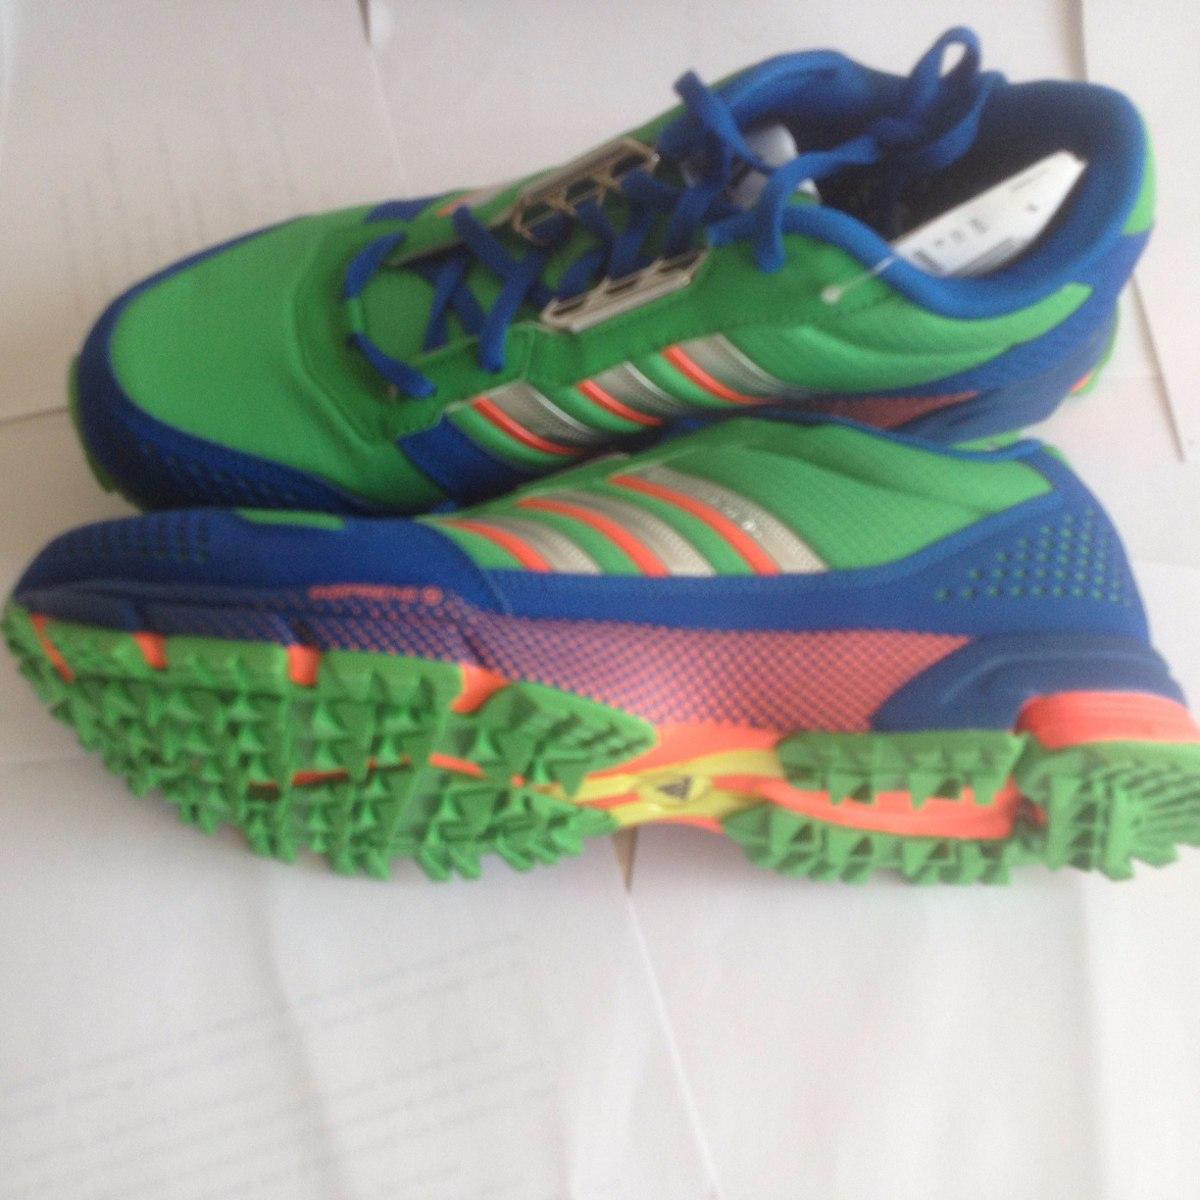 zapatos adidas marathon tr 10m g96880 talla us 10 1 2. Cargando zoom. ede054c6e